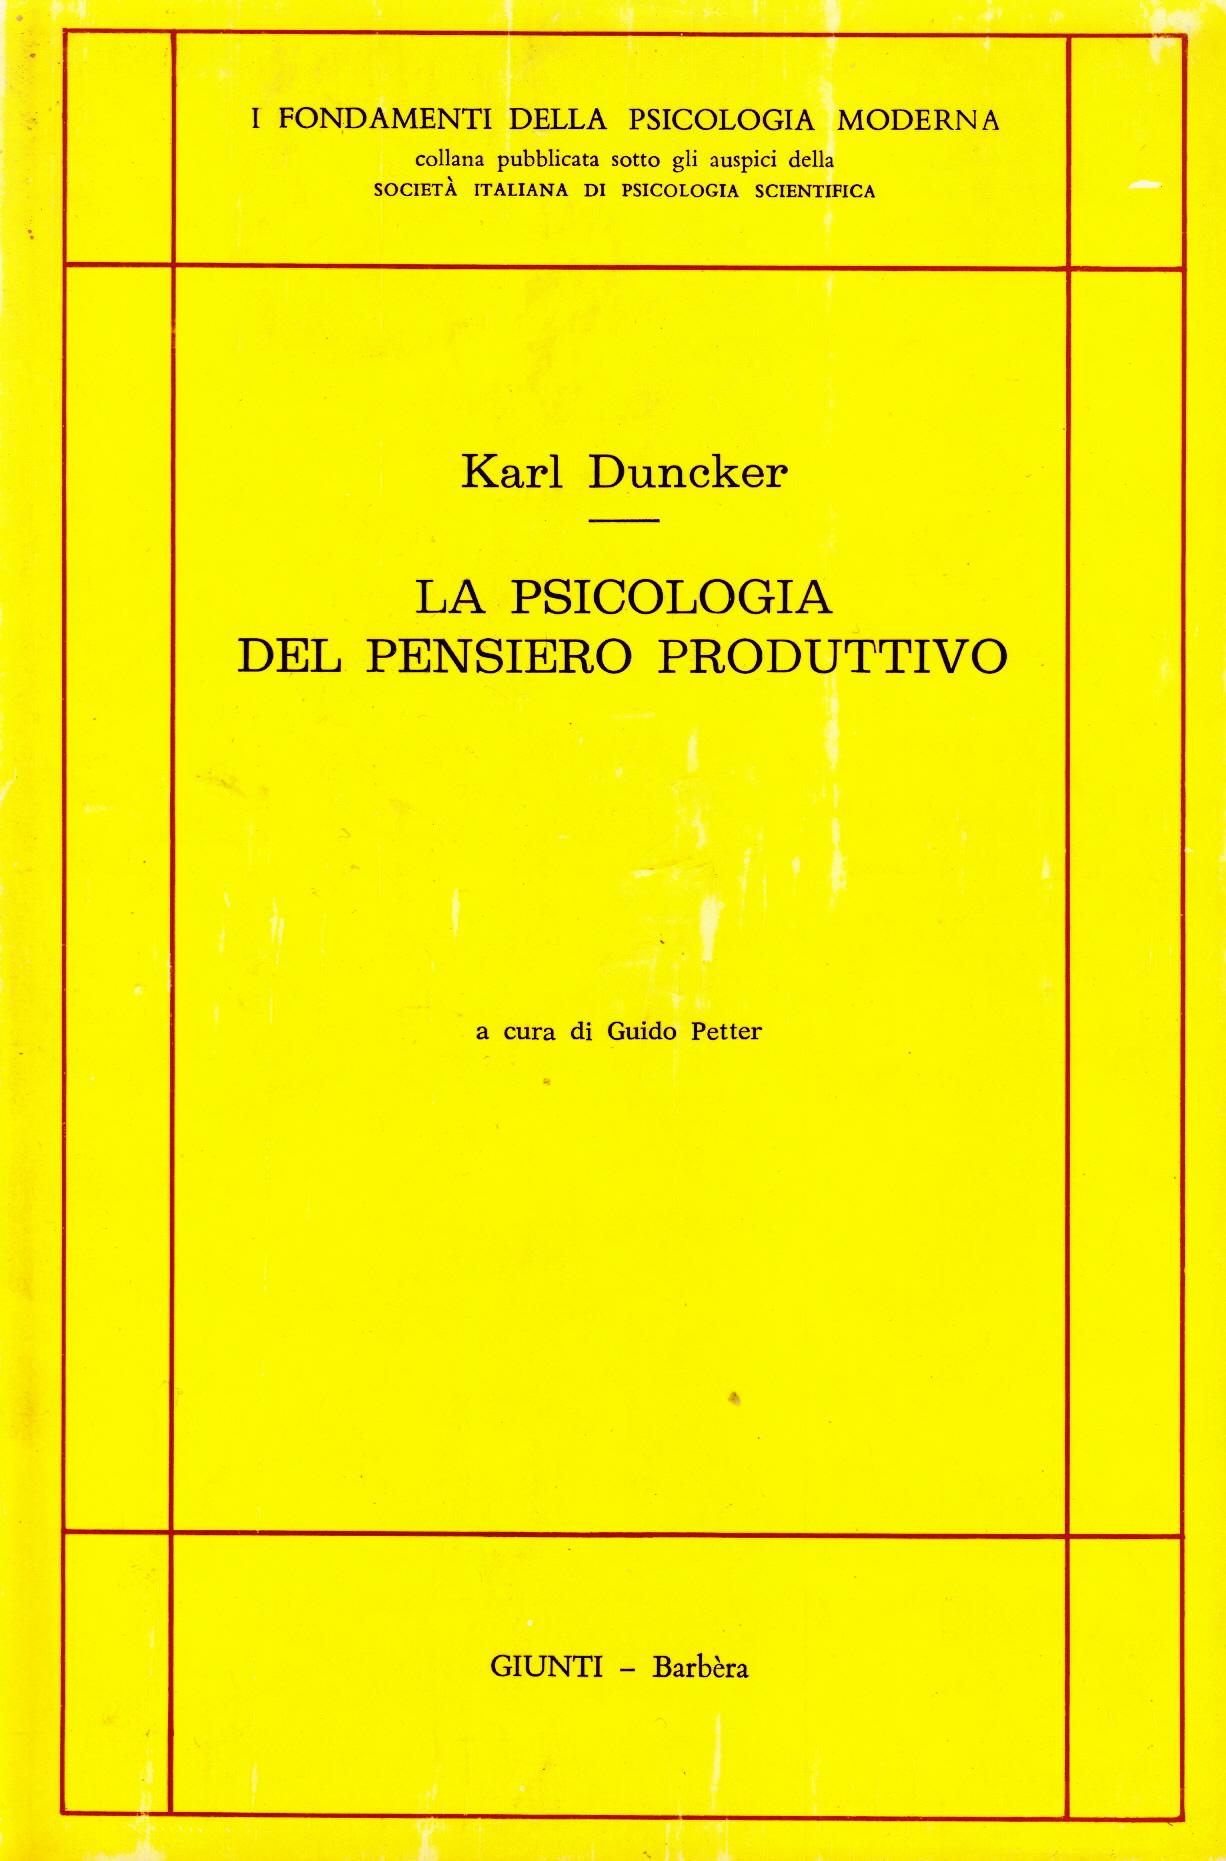 La psicologia del pensiero produttivo